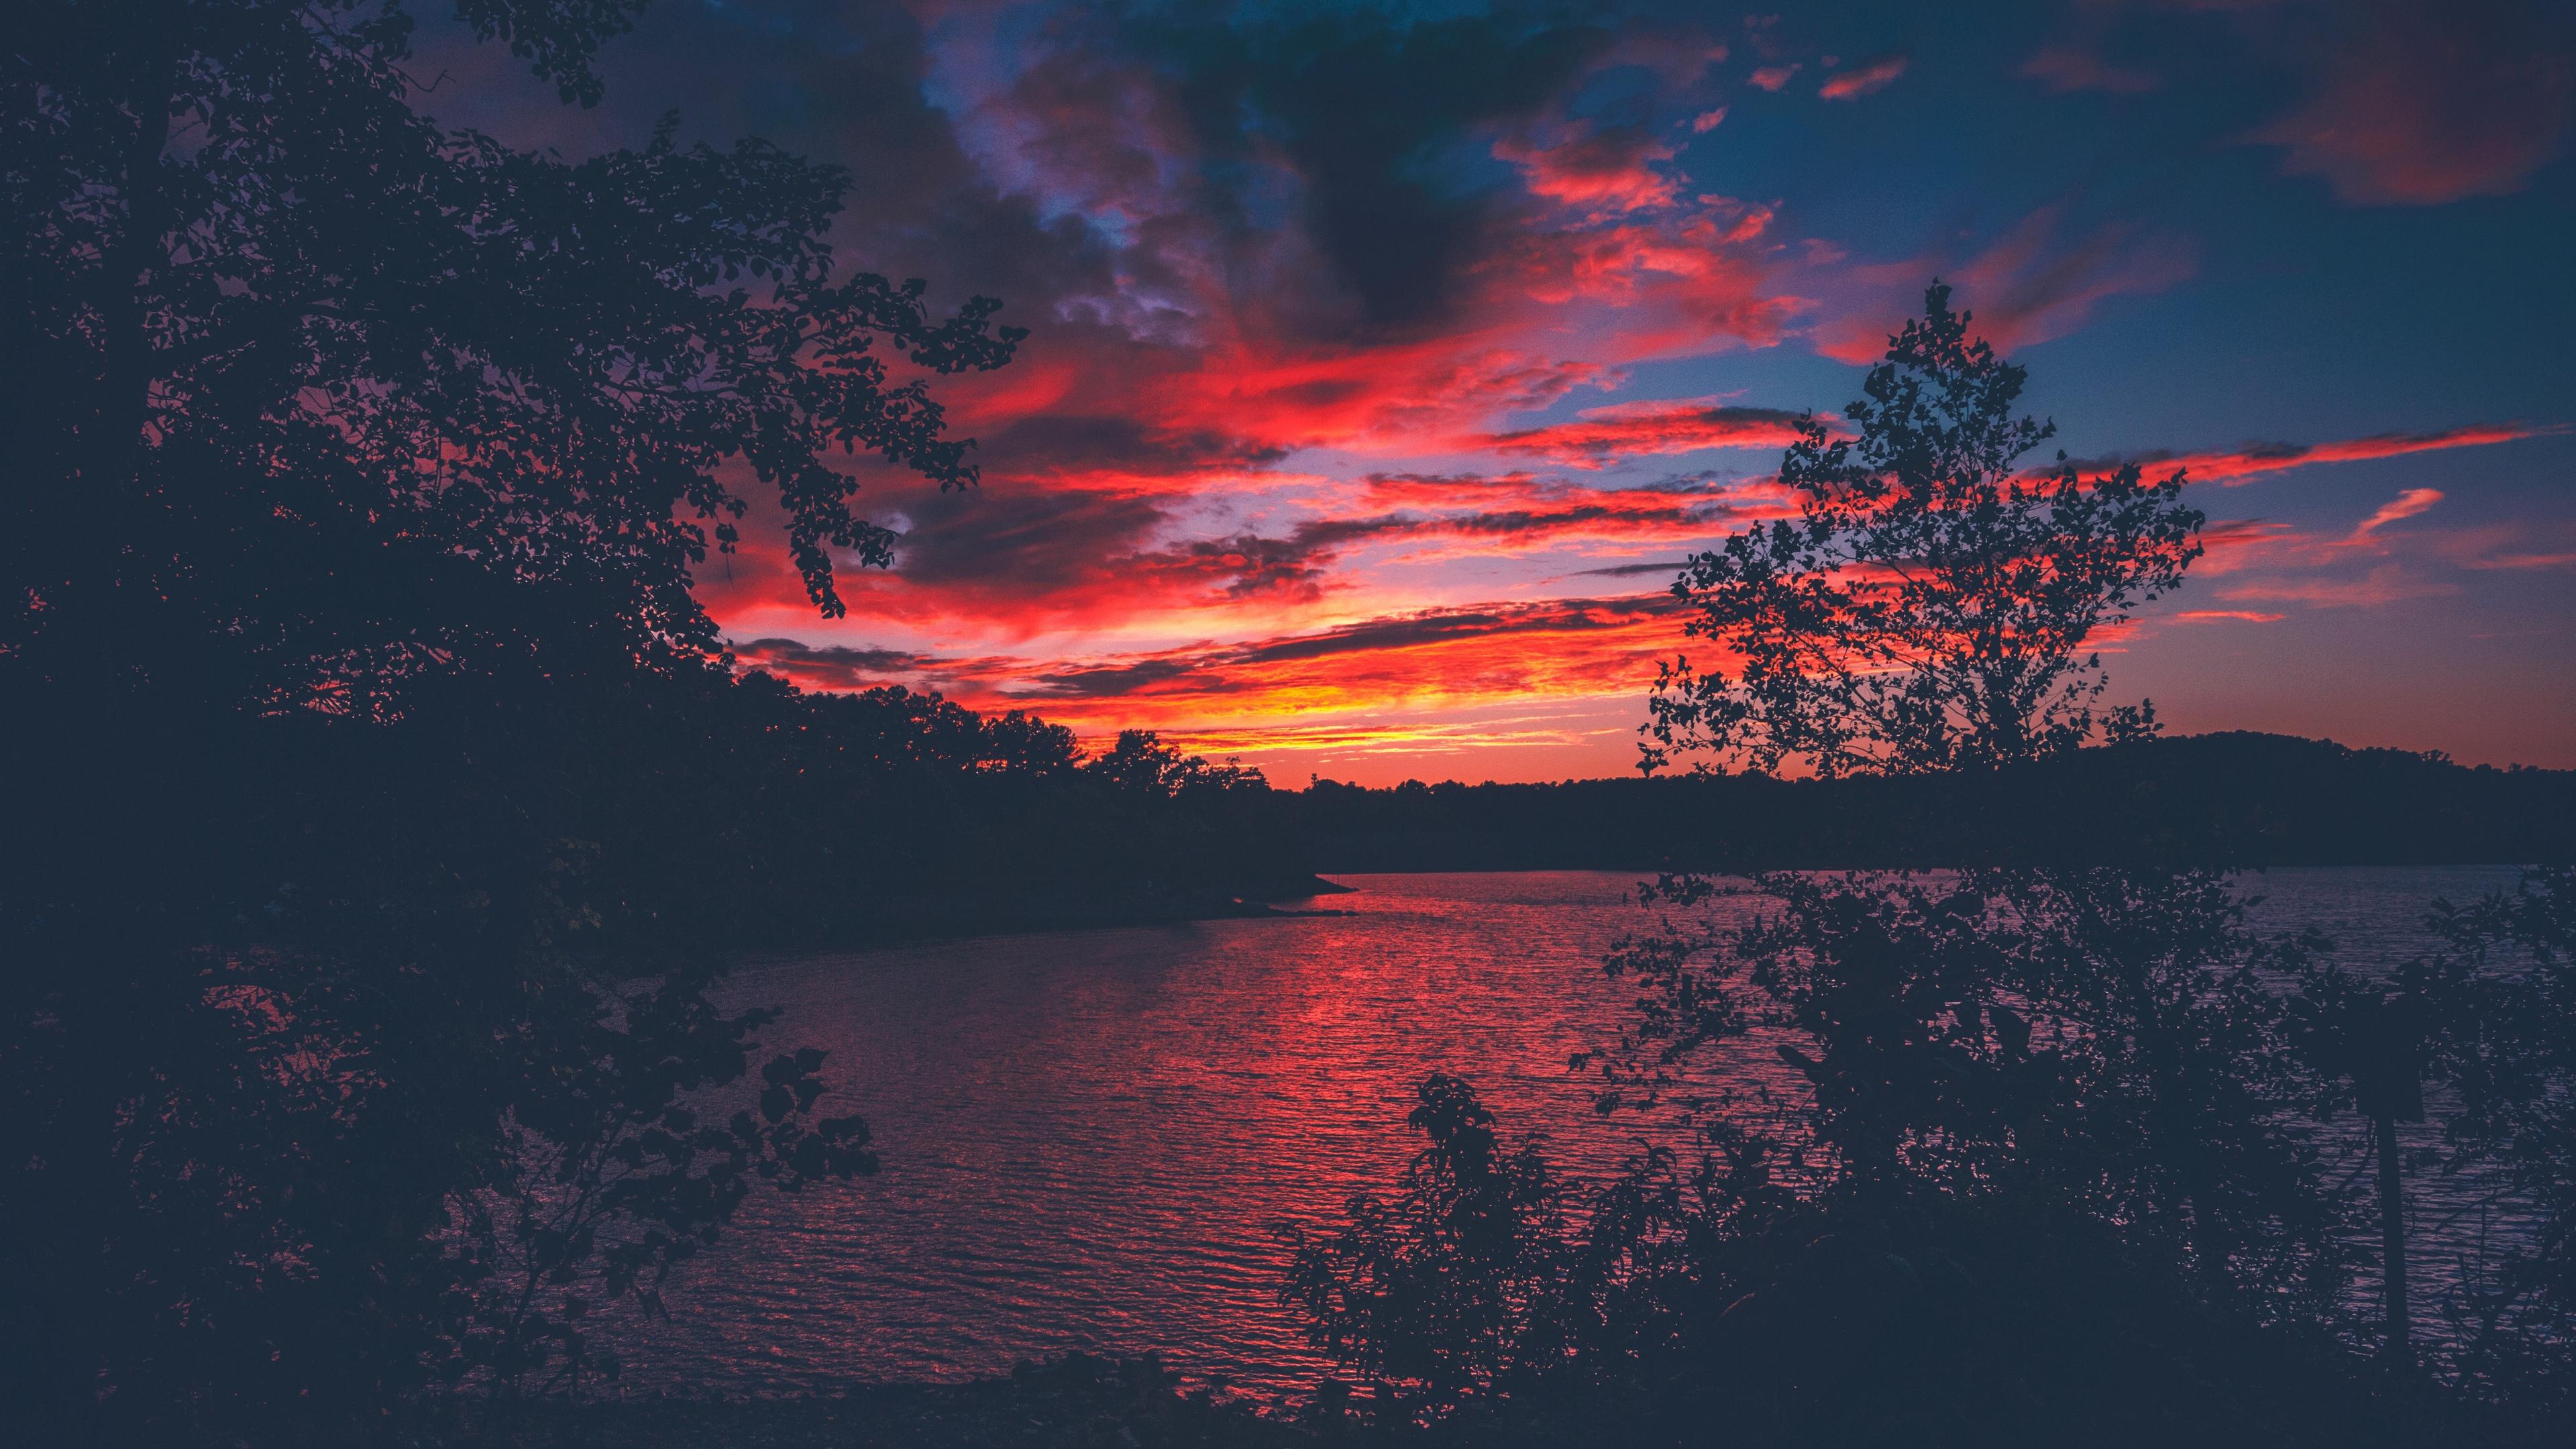 lanier lake sunset trees 4k 1540574478 - lanier, lake, sunset, trees 4k - sunset, lanier, Lake